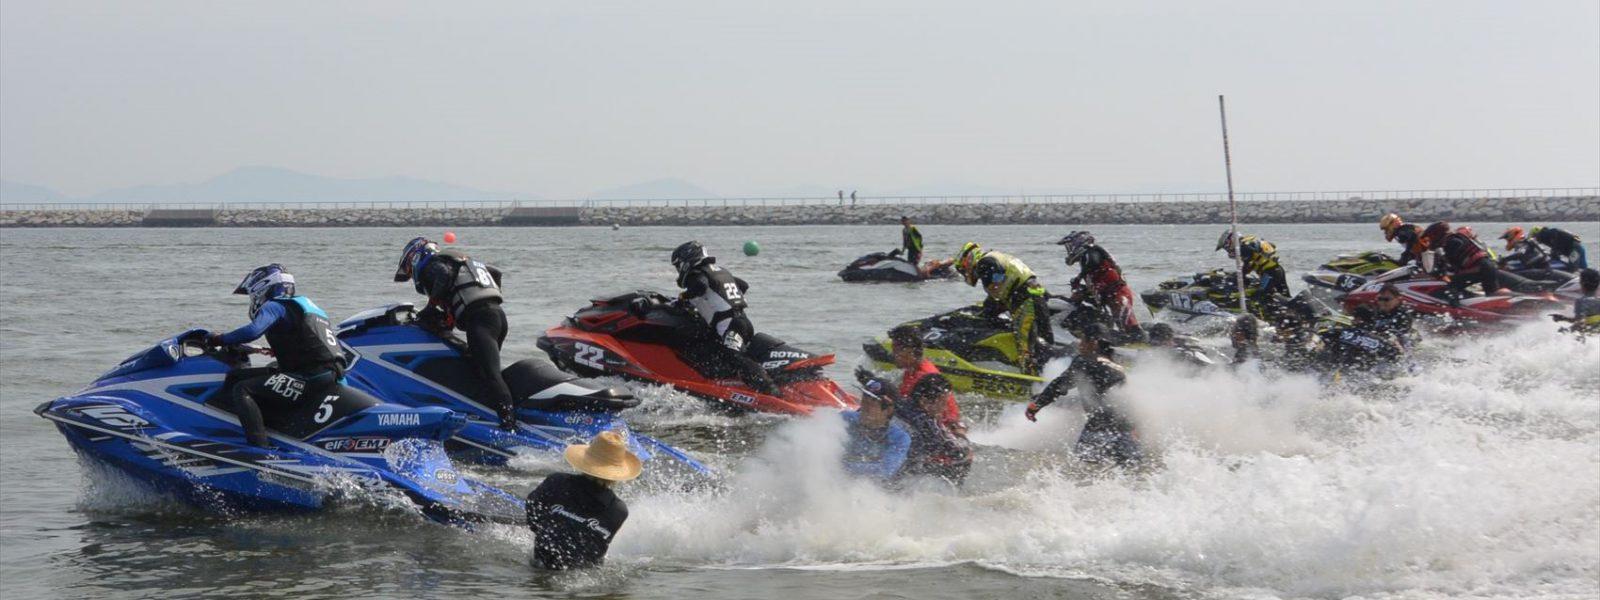 2018年 JJSFレース 第3戦 in ラグーナビーチ蒲郡!